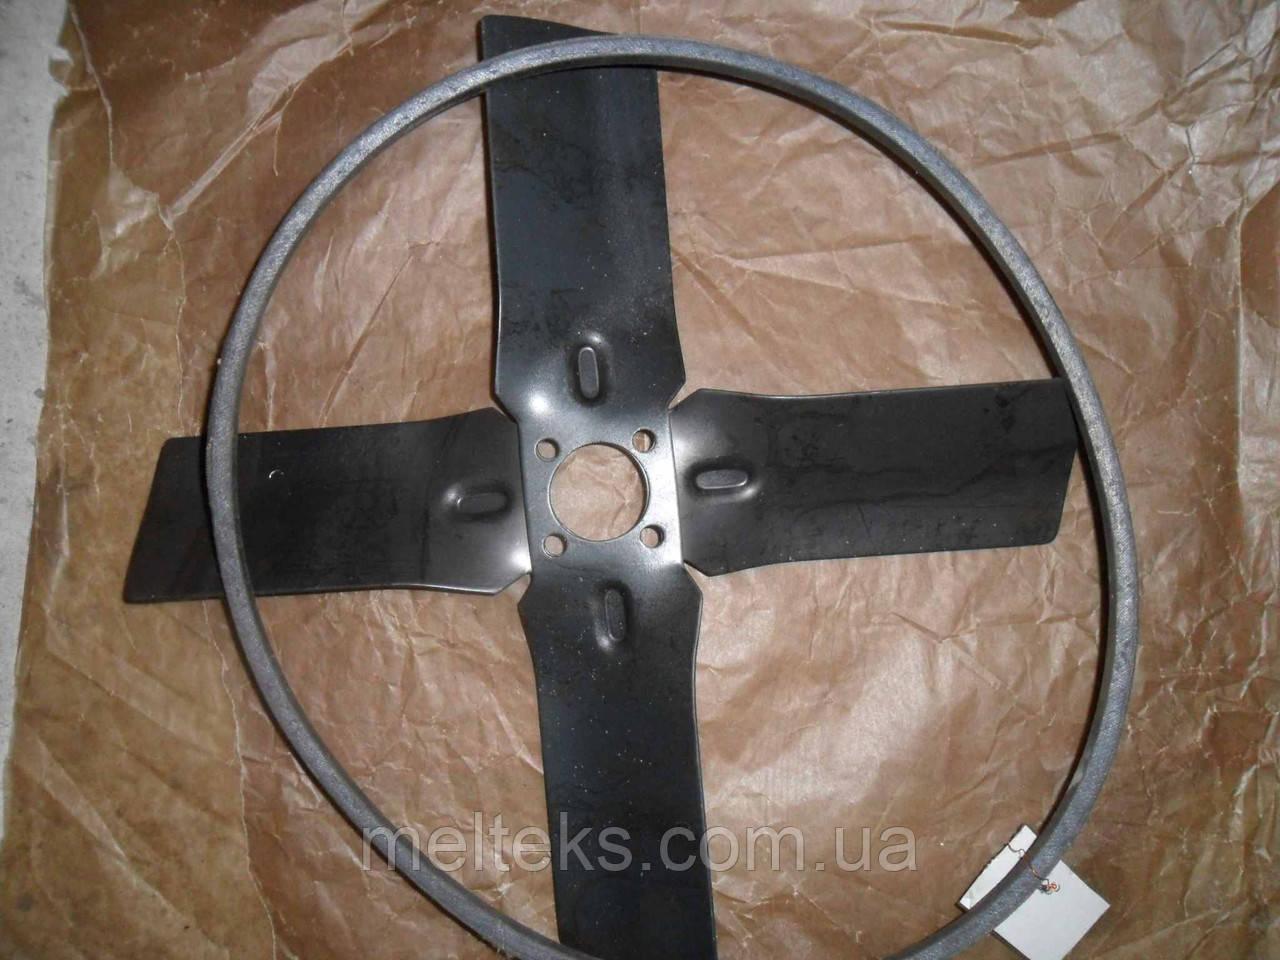 Крыльчатка и ремни ИФ-56 МВВ-4 (цены в тексте описания)